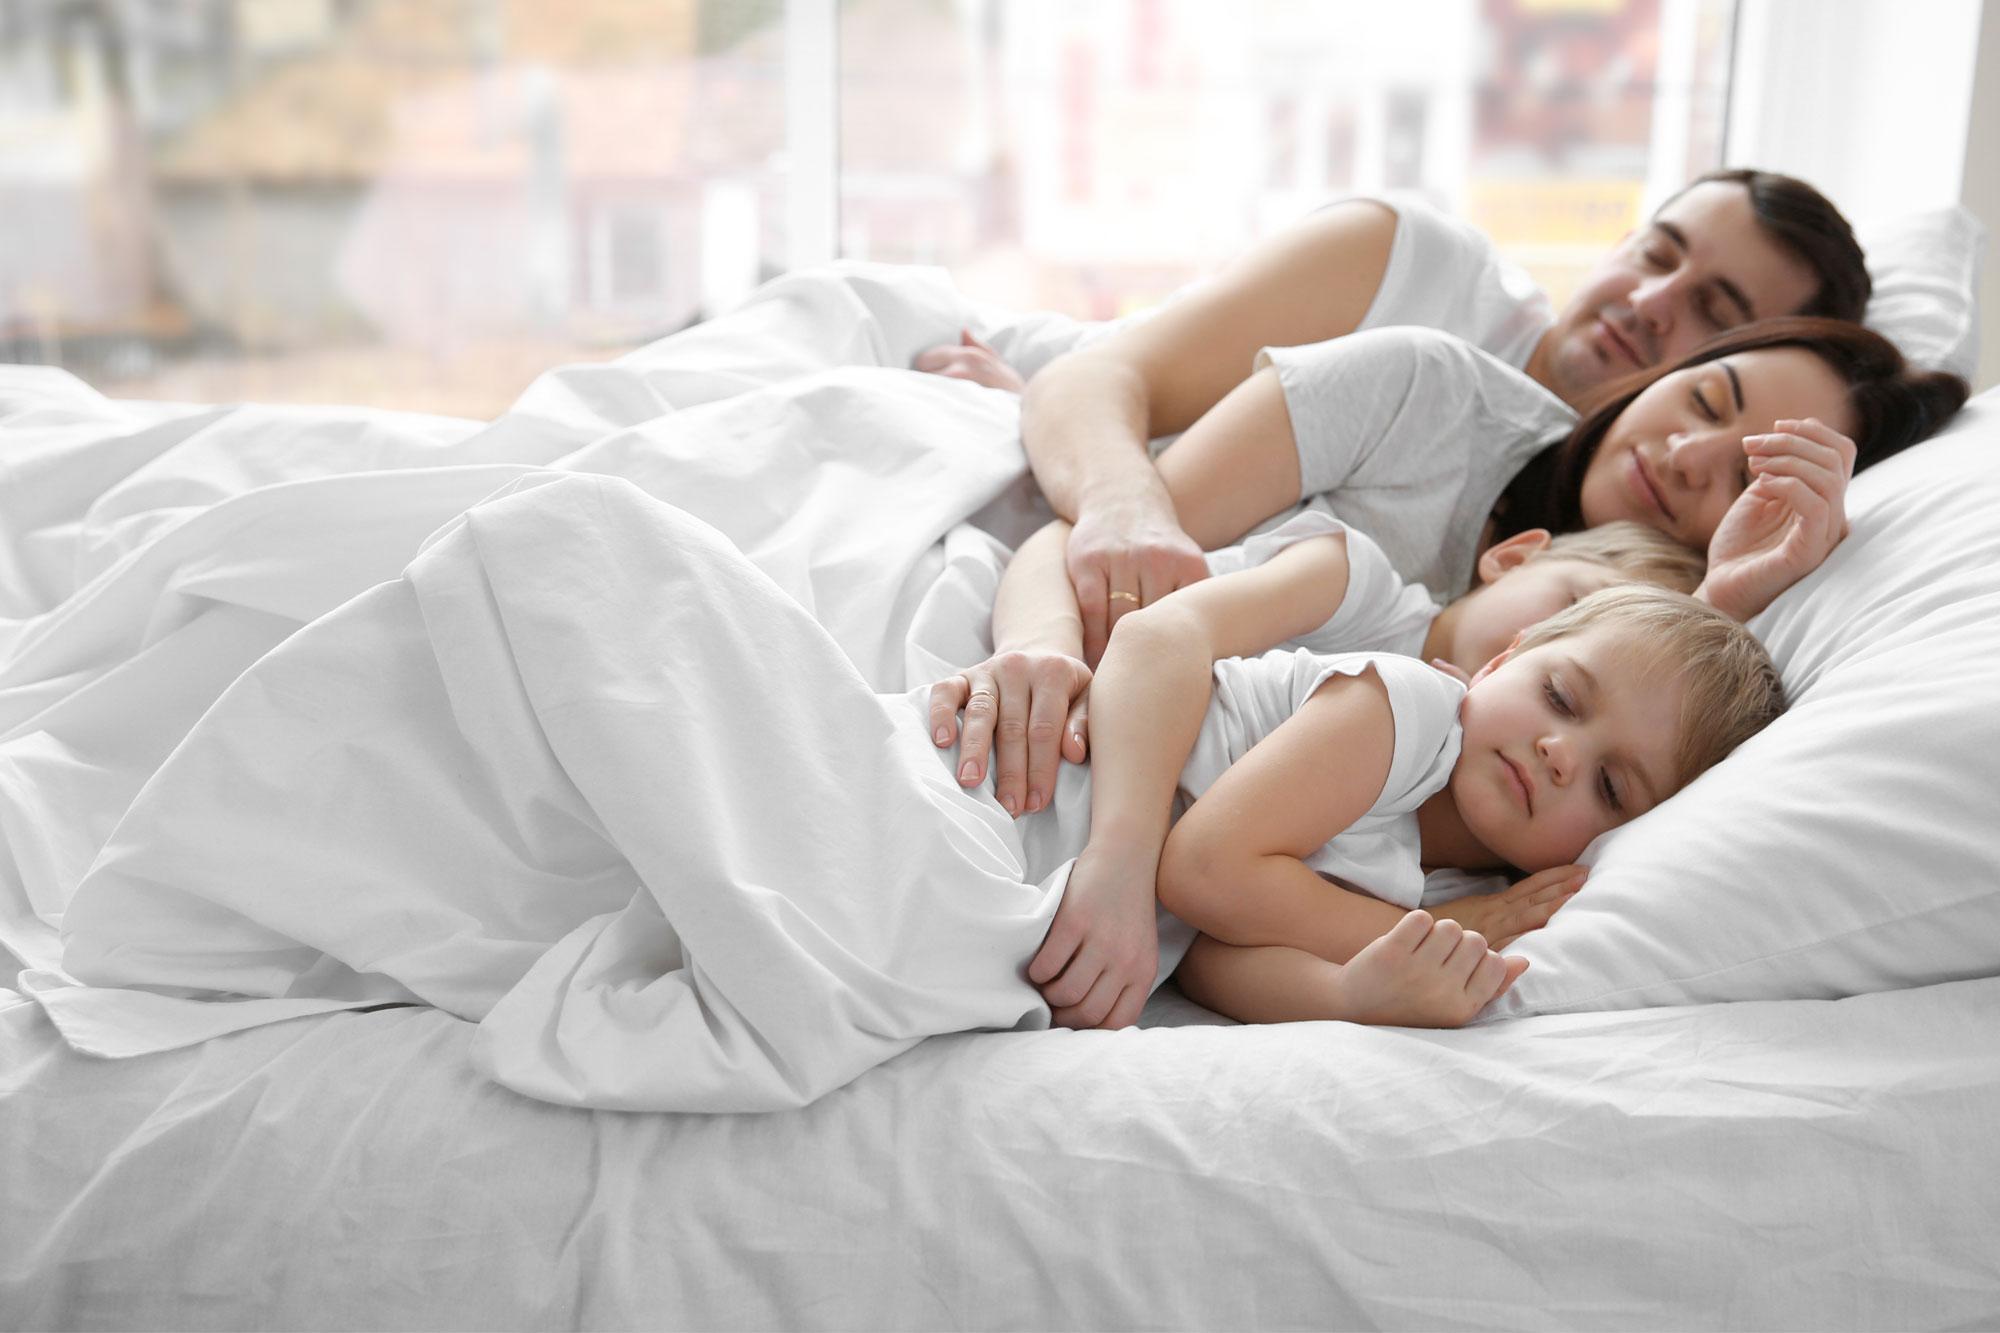 Familie entspannt im Bett